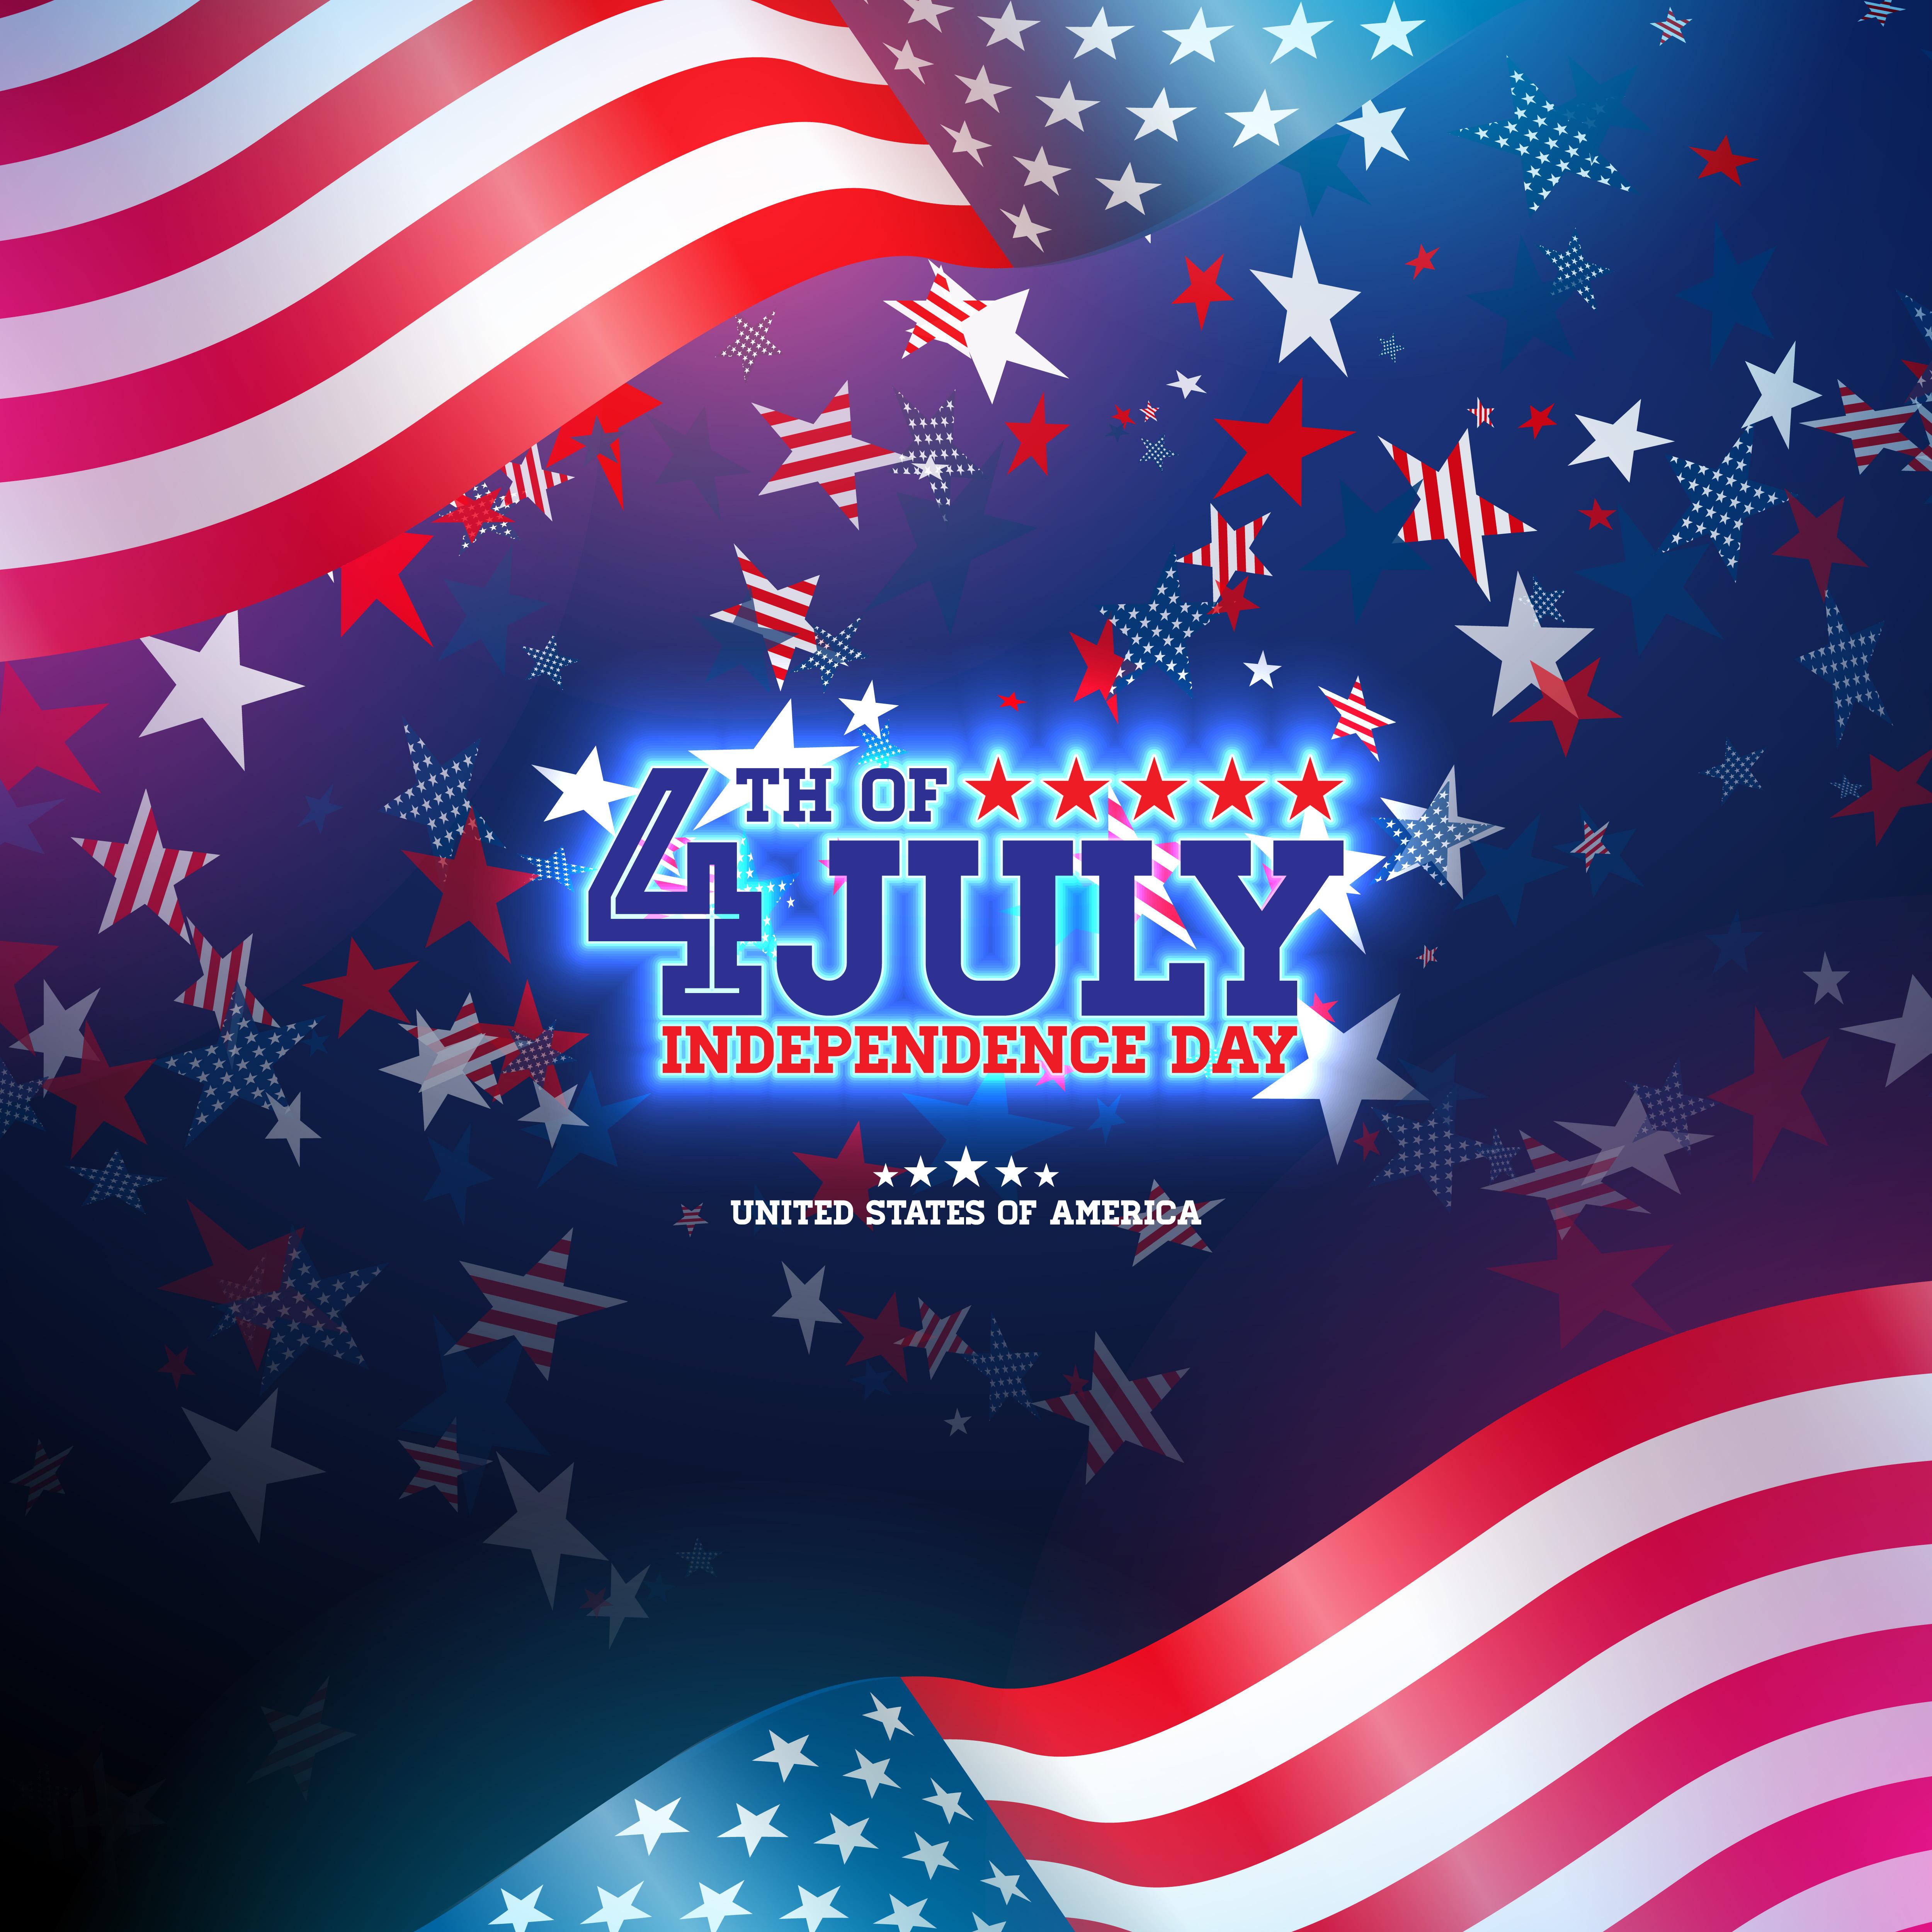 4 luglio Independence Day dell'illustrazione di vettore di USA Disegno  di celebrazione nazionale americano del 4 luglio 548039 - Scarica Immagini  Vettoriali Gratis, Grafica Vettoriale, e Disegno Modelli